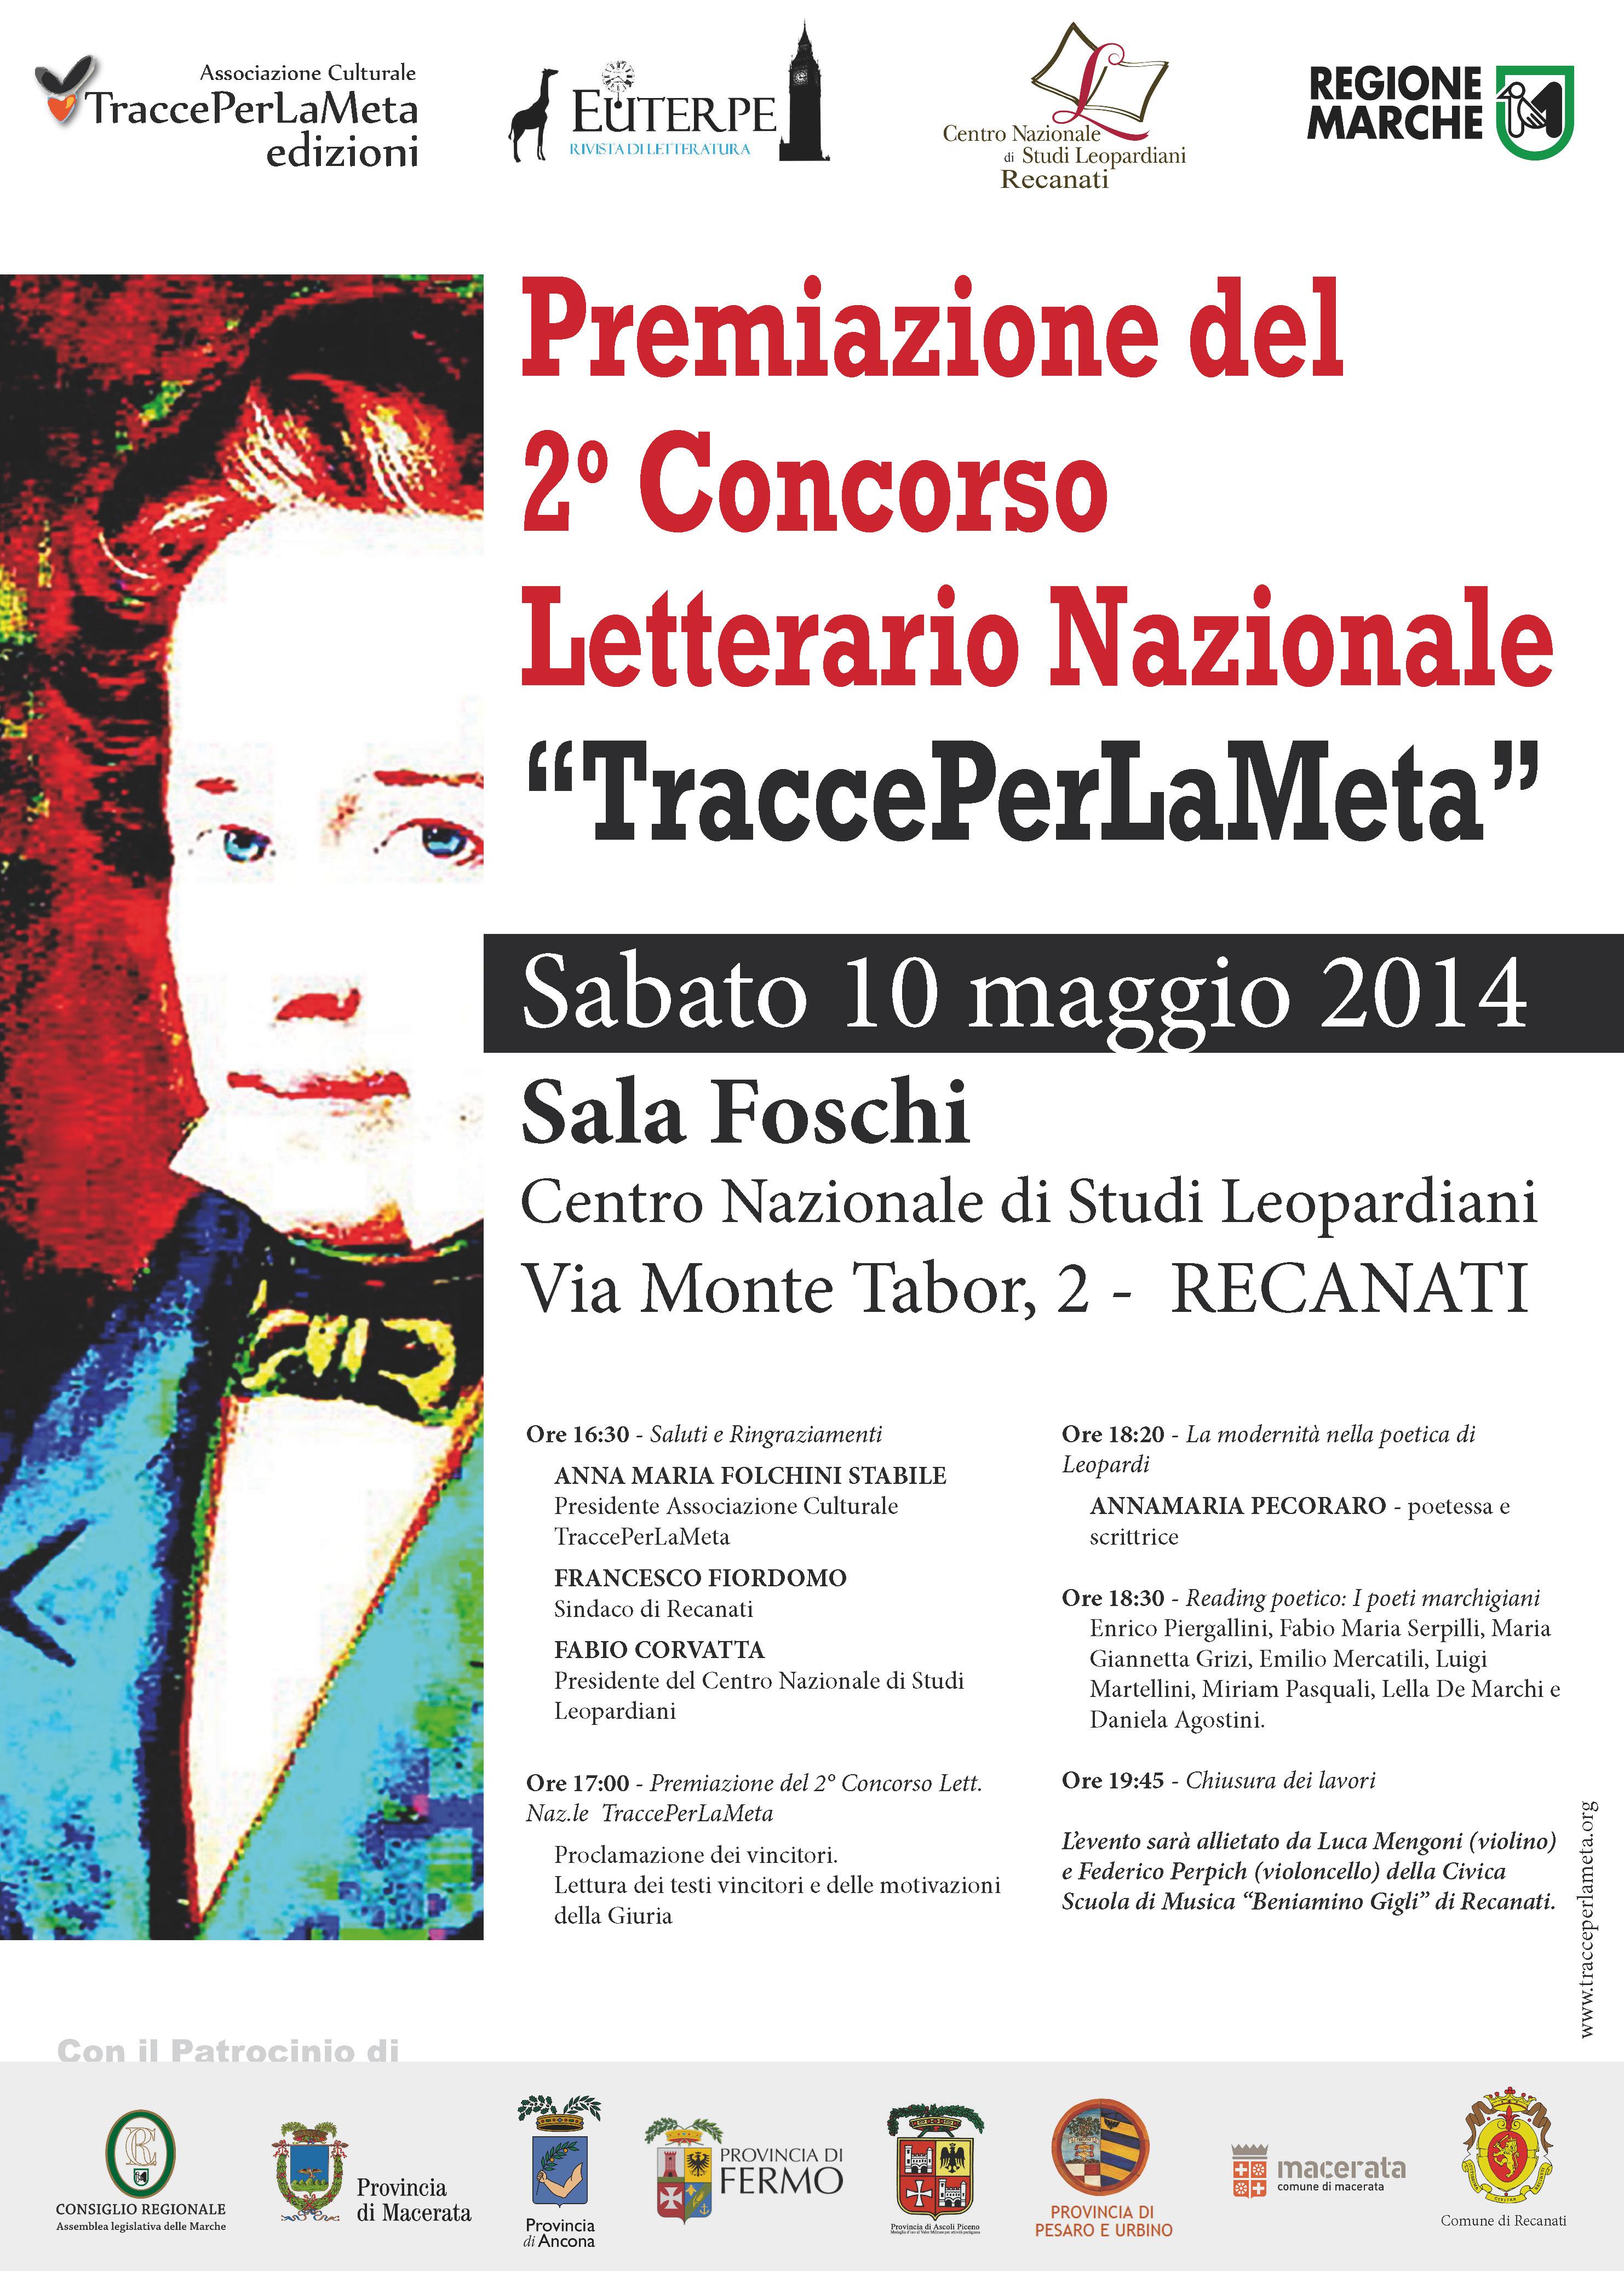 Premiazione 10.5.2014 – 2° Concorso Letterario Nazionale TraccePerLaMeta